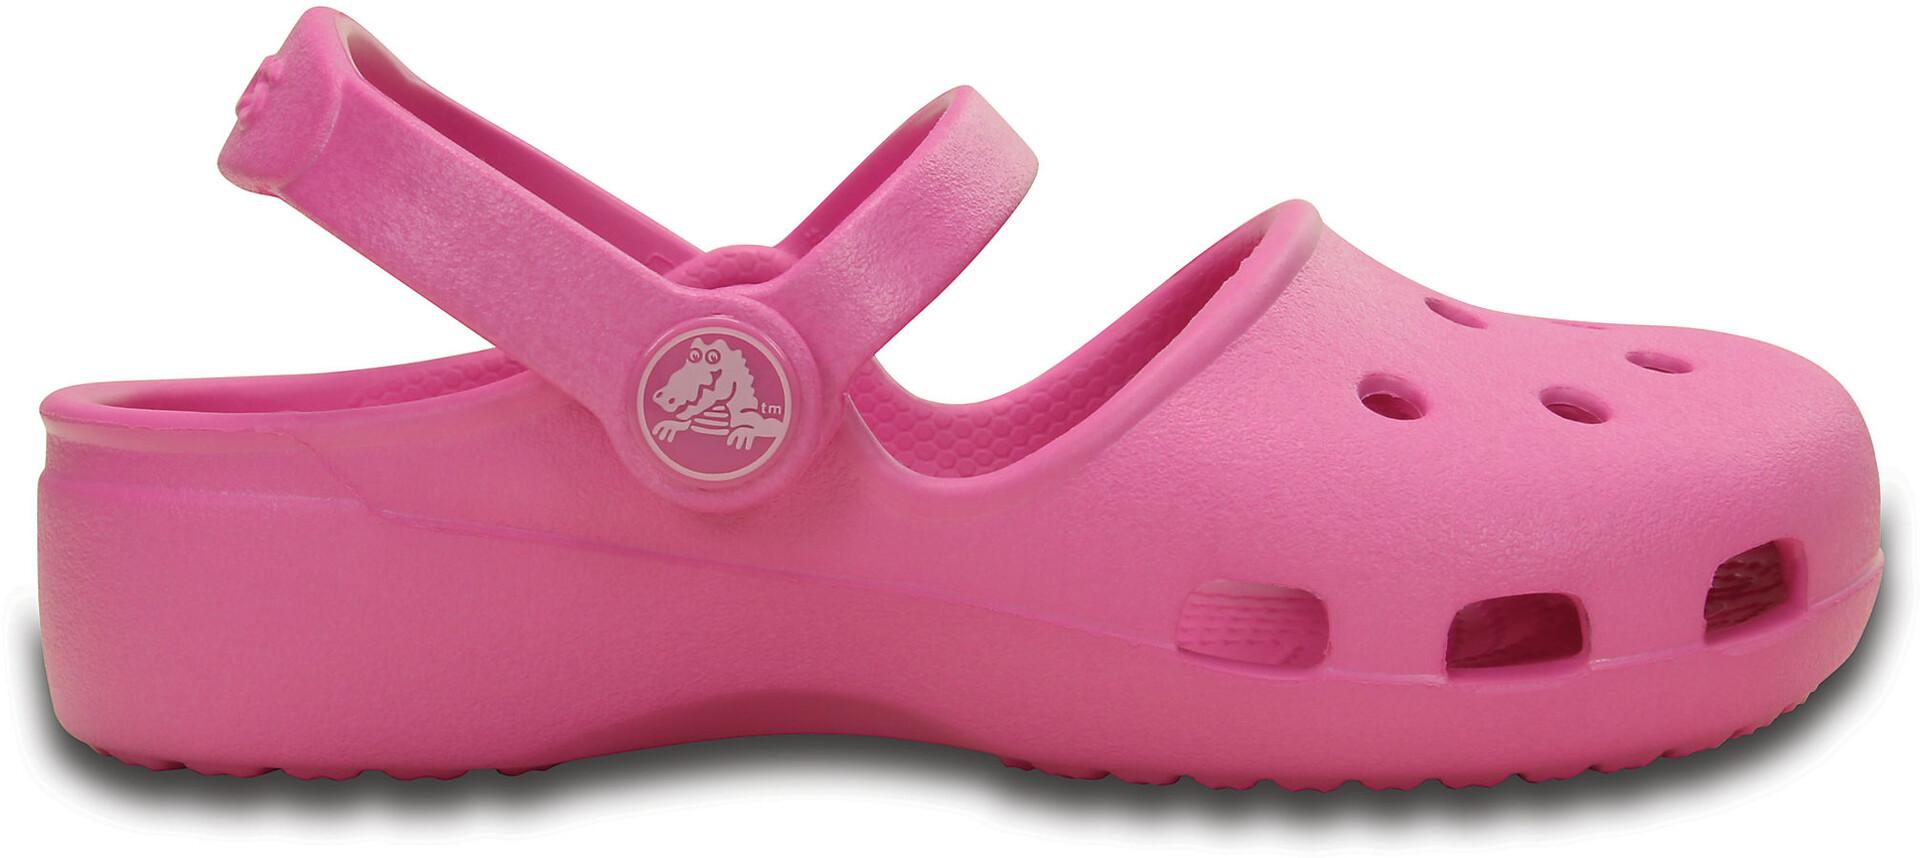 6d2a10b1cbe7 Crocs karin sandalen kinderen roze online bij outdoor shop jpg 2013x900  Crocs foam machine